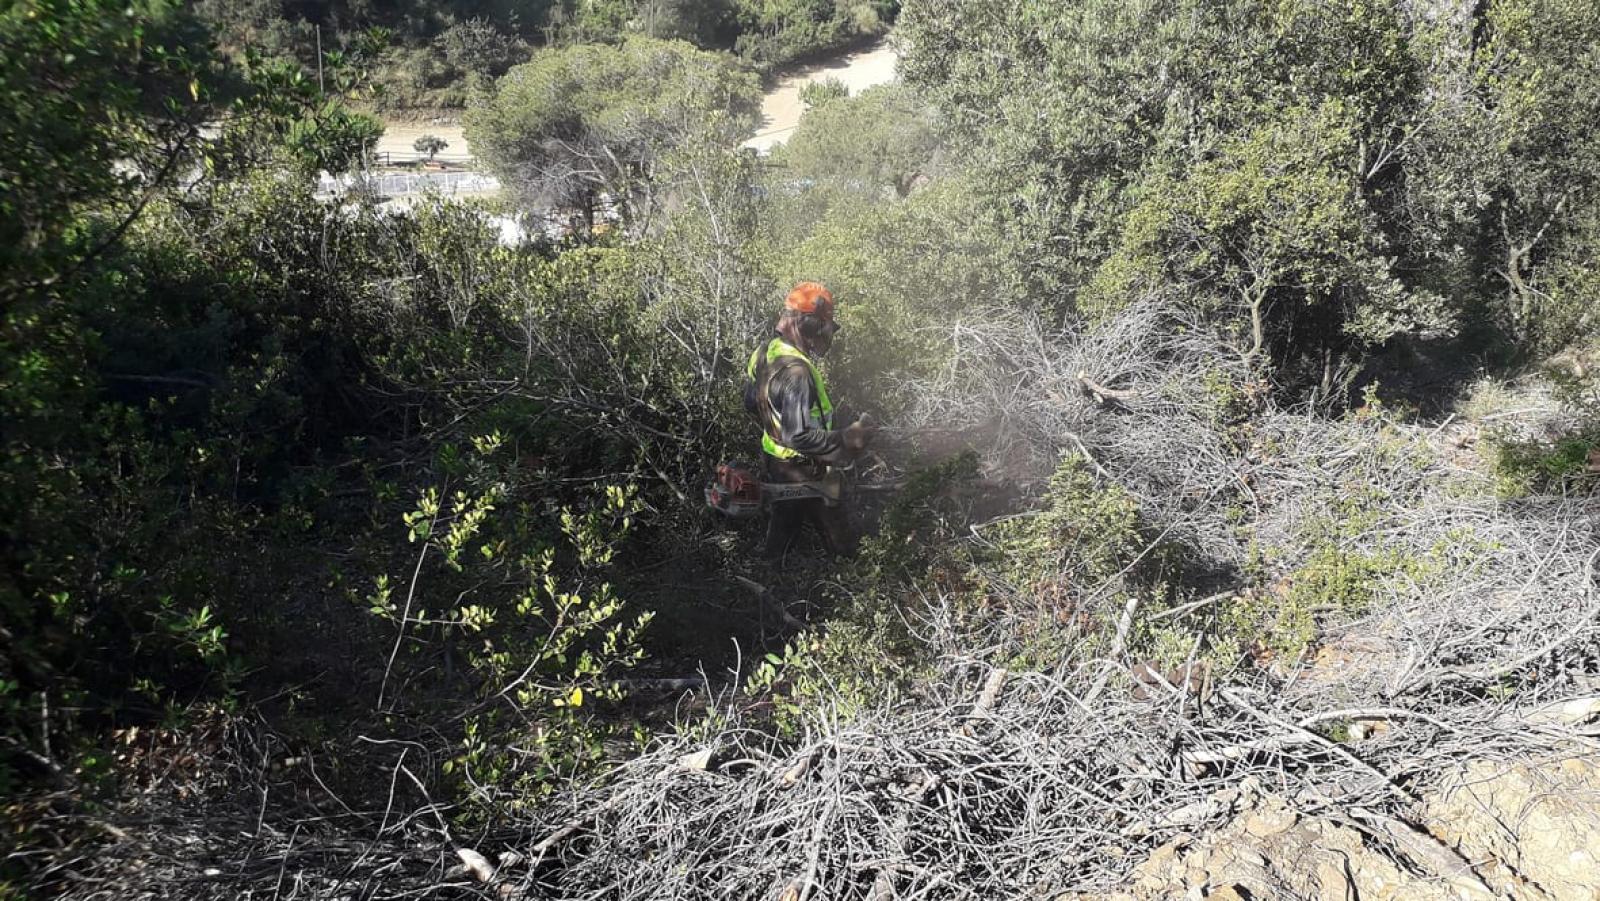 Treballs forestals de trituració de les restes vegetals afectades per l'escolítid Tomicus destruens al Parc de la Serralada de Marina